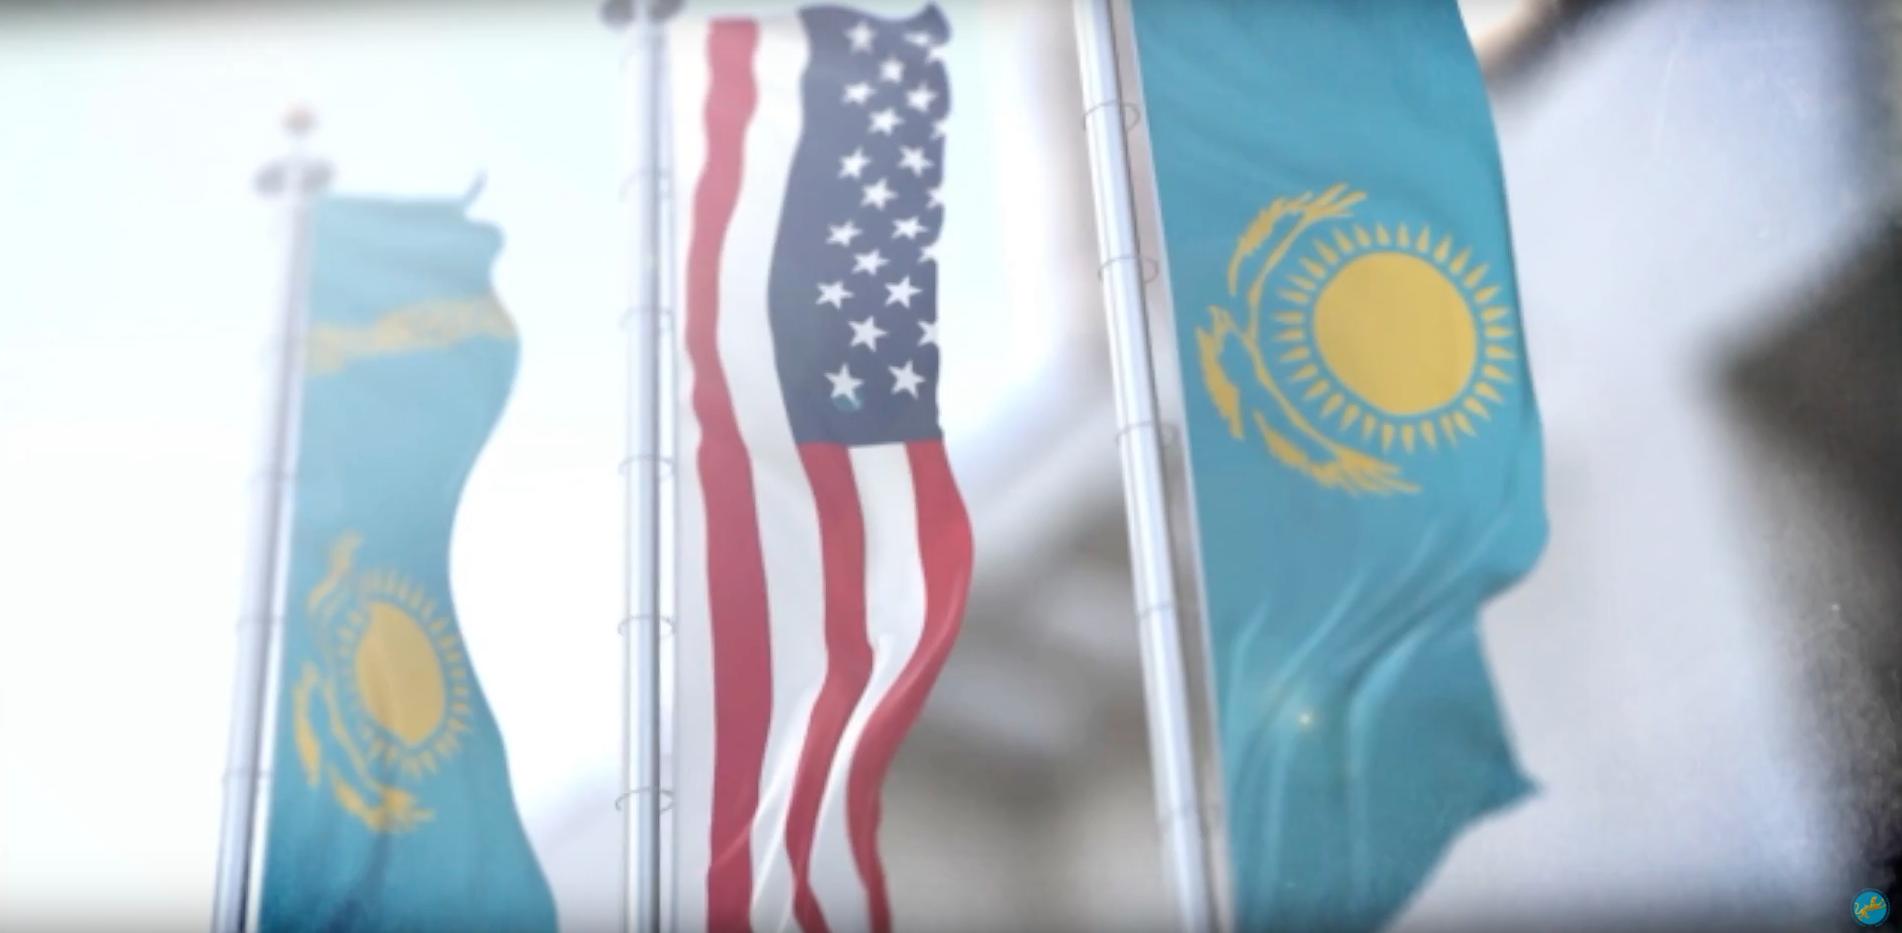 Документальный фильм рассказал «историю успеха» США и Казахстана